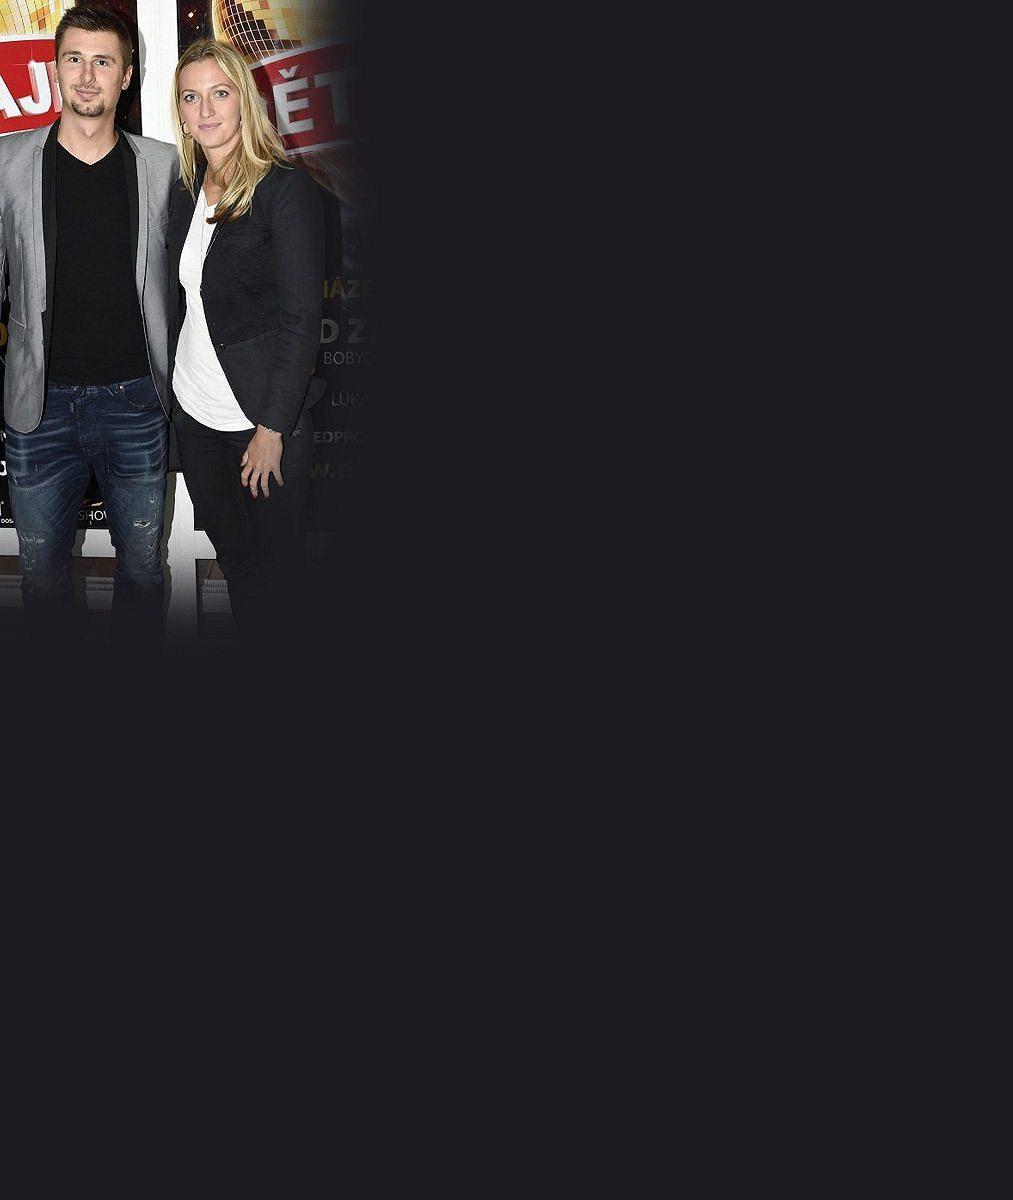 Nikdy nevypadala šťastněji: Takhle září tenistka Petra Kvitová vedle svého hezkého hokejisty